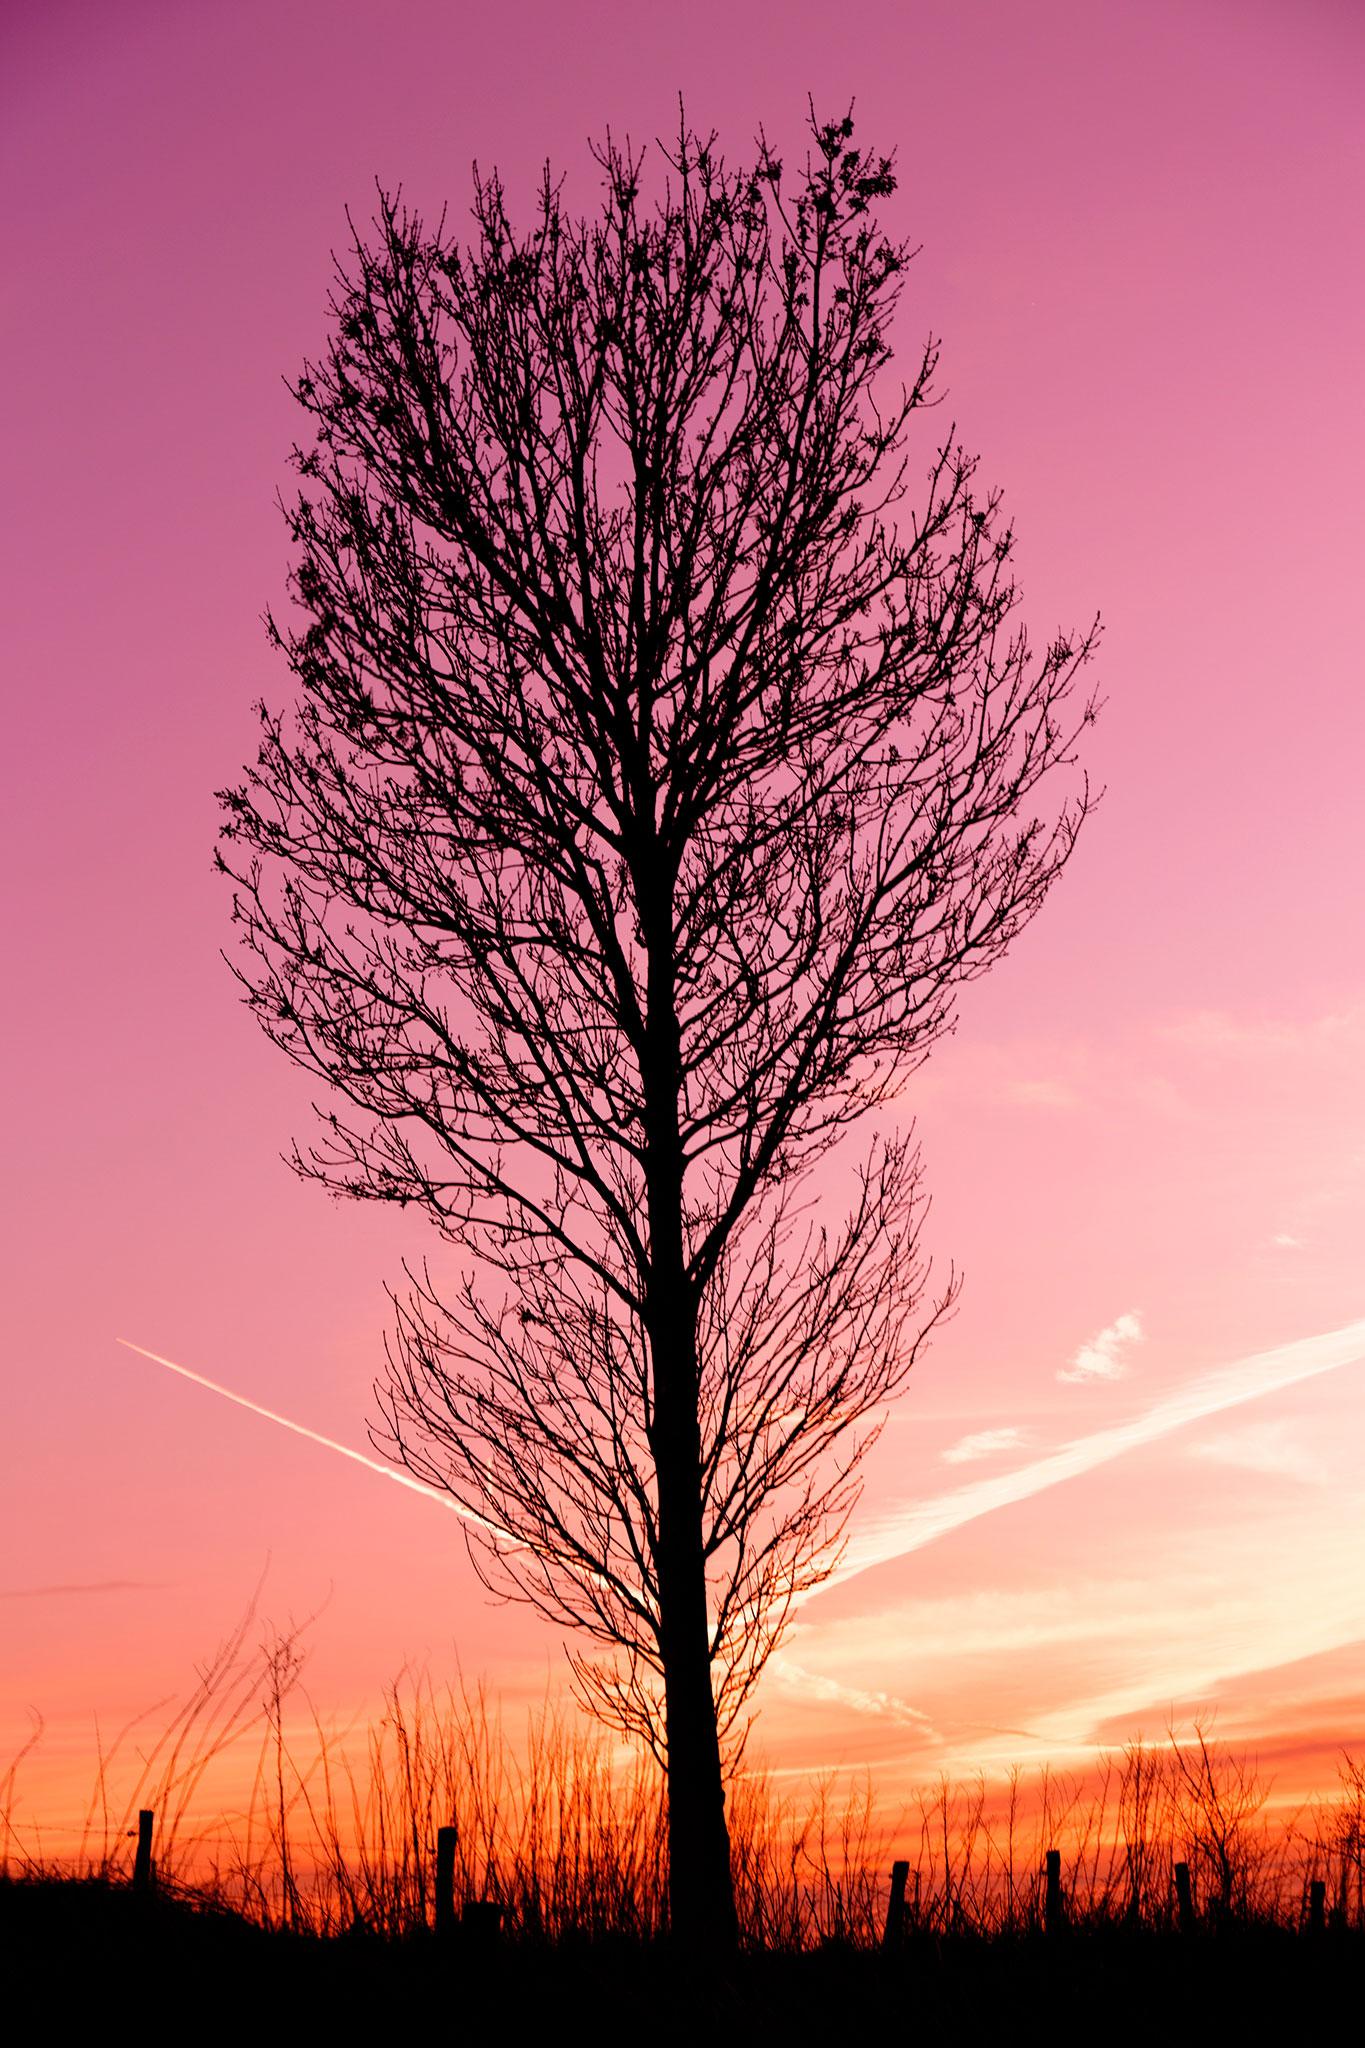 Arbre et coucher de soleil par Stéphane Thirion